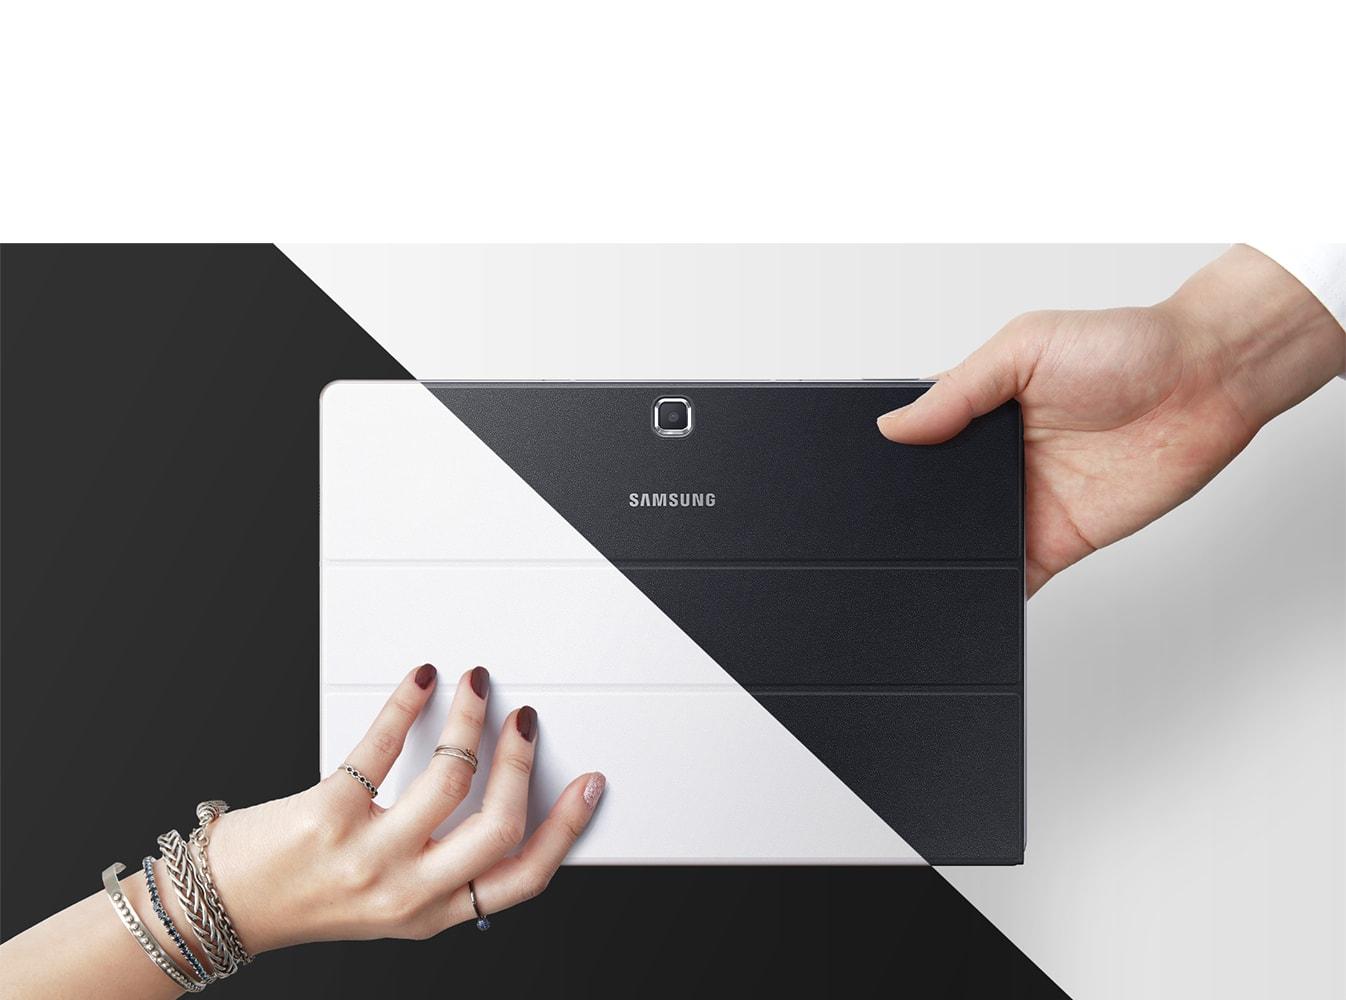 تلاش سامسونگ برای رساندن تبلت ویندوز ۱۰ خود به همایش جهانی موبایل